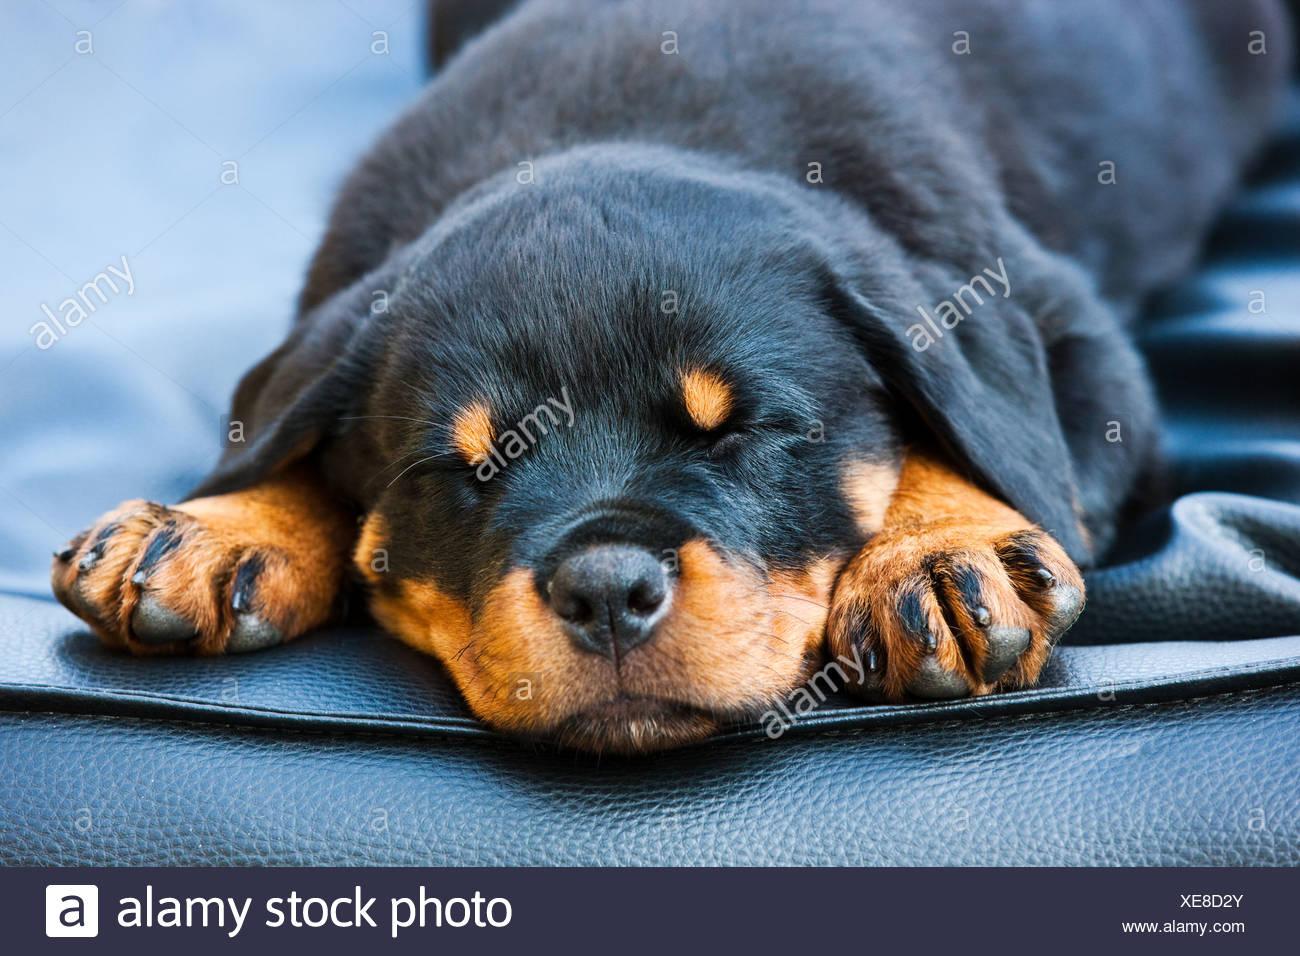 Rottweiler Puppy Dog Sleeping In A Dog Bed North Tyrol Austria